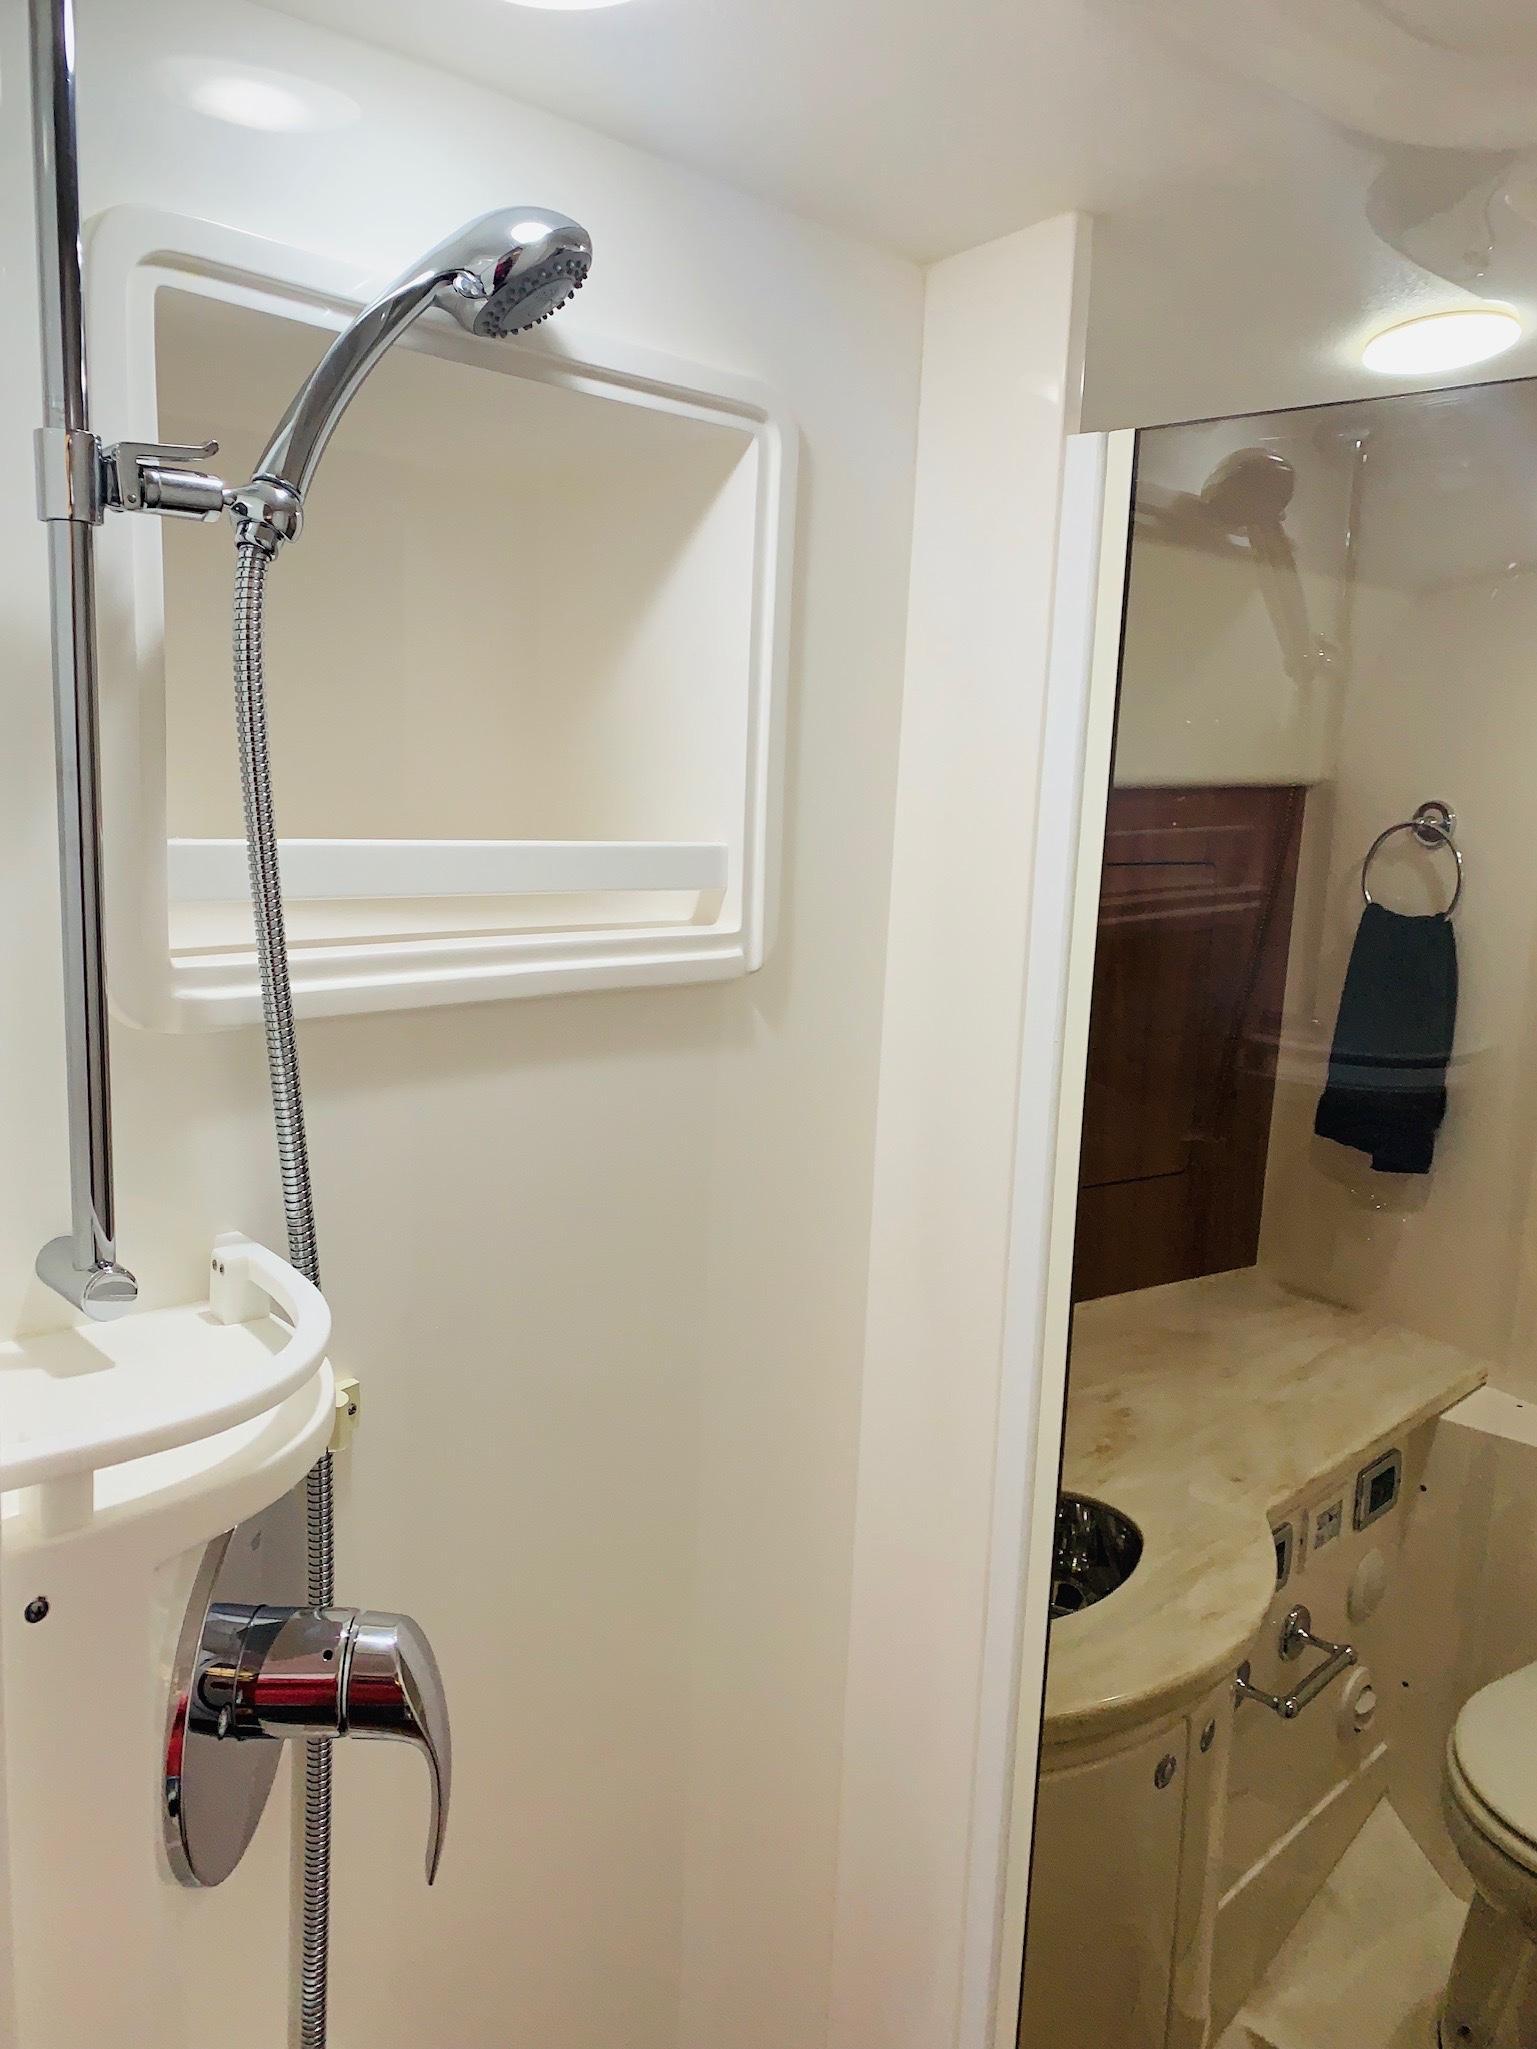 48 Intrepid Shower